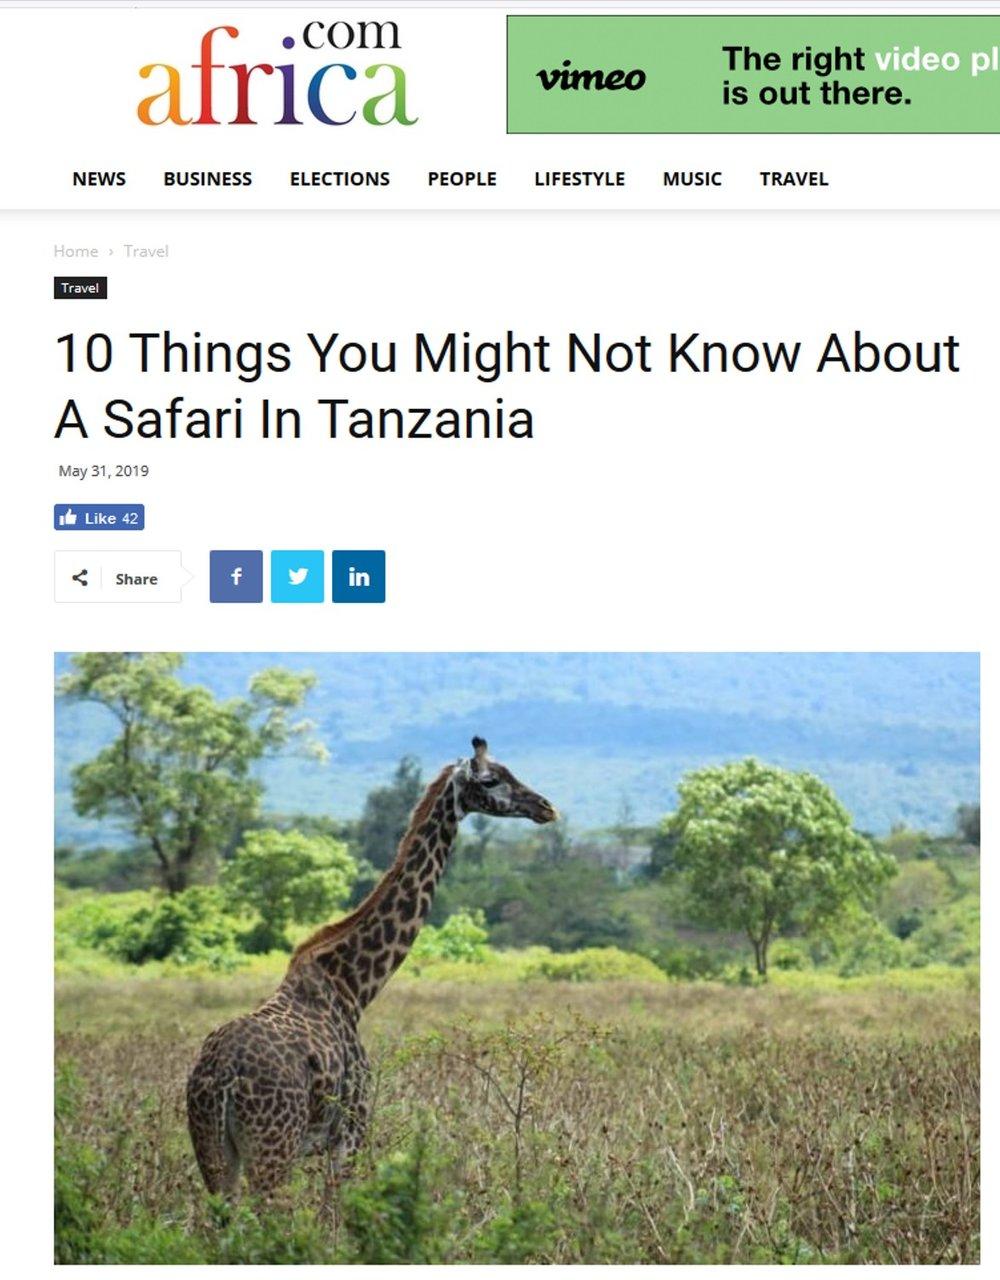 Ein paar nützliche Dinge, die Sie wissen sollten, wenn sie eine Safari in Tansania planen